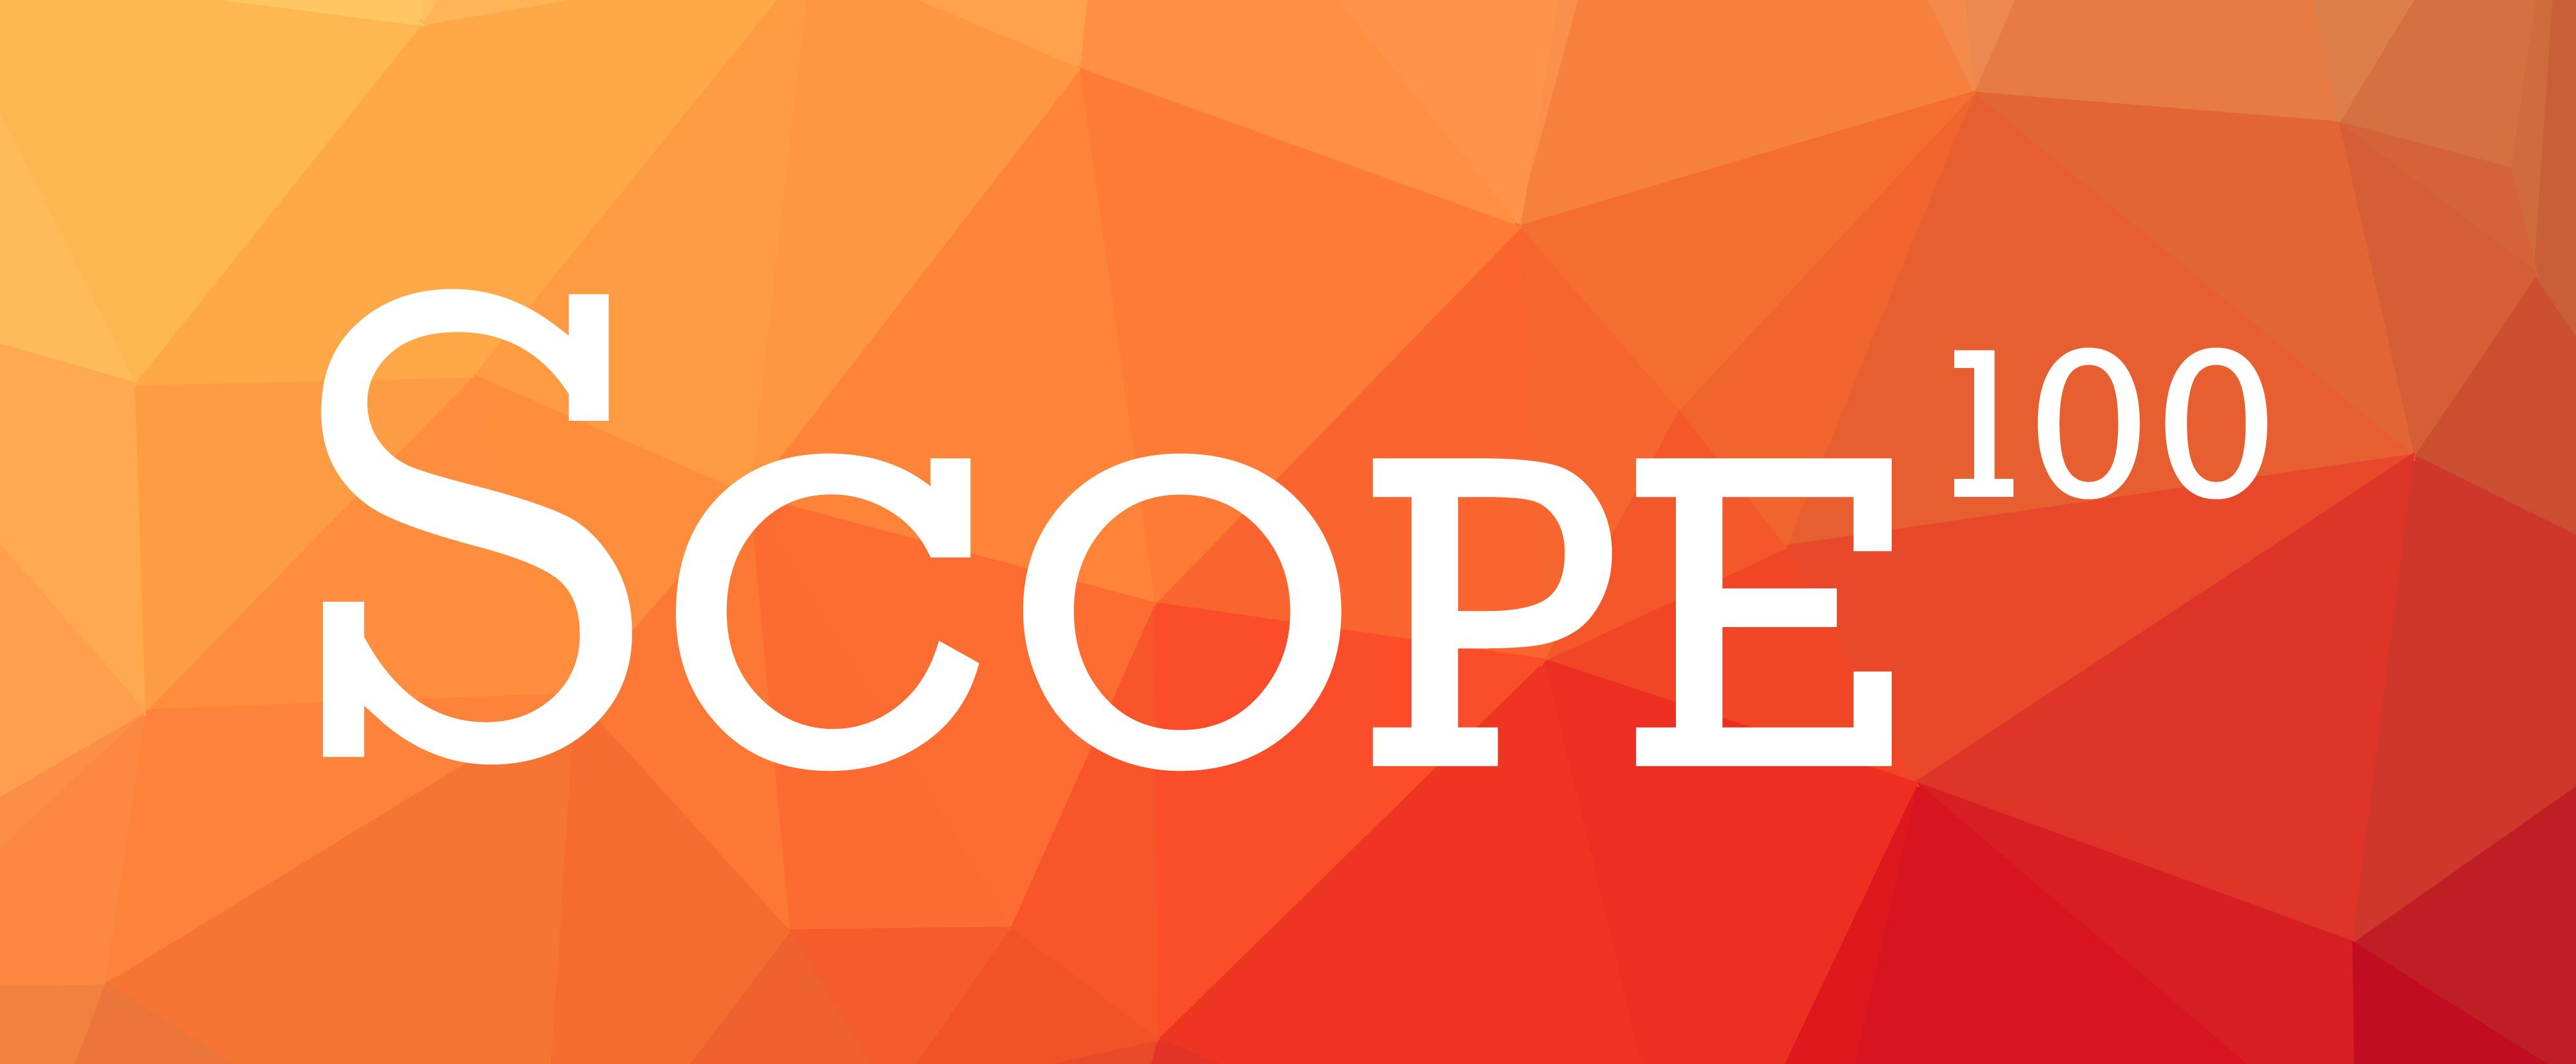 scope100_pattern_logo_mod.jpg